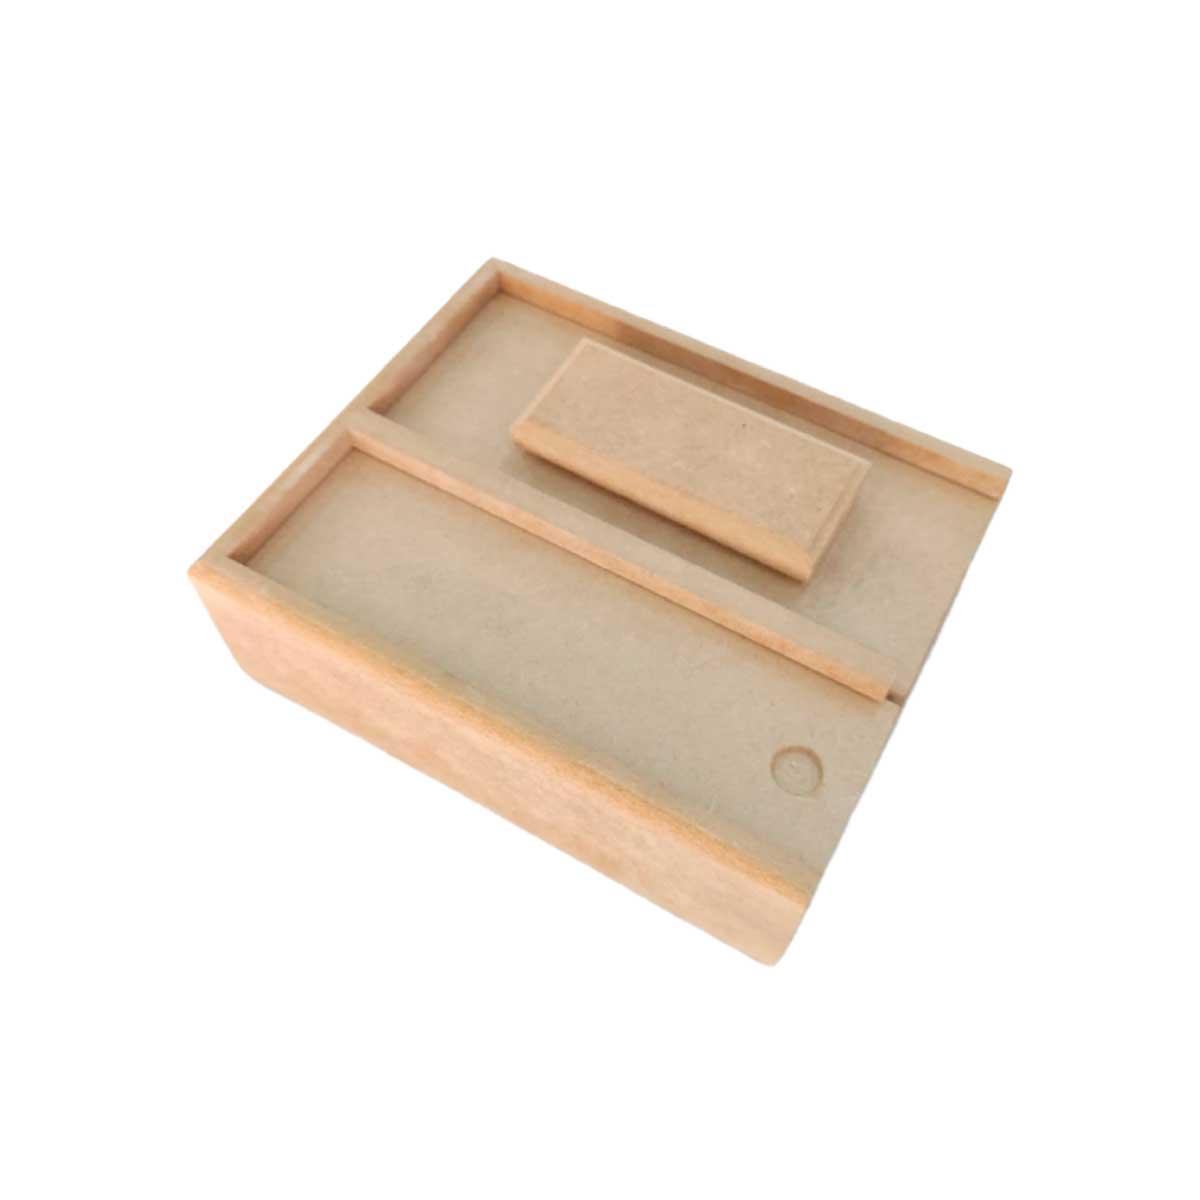 Apagador / Caixa para Giz - Duplo